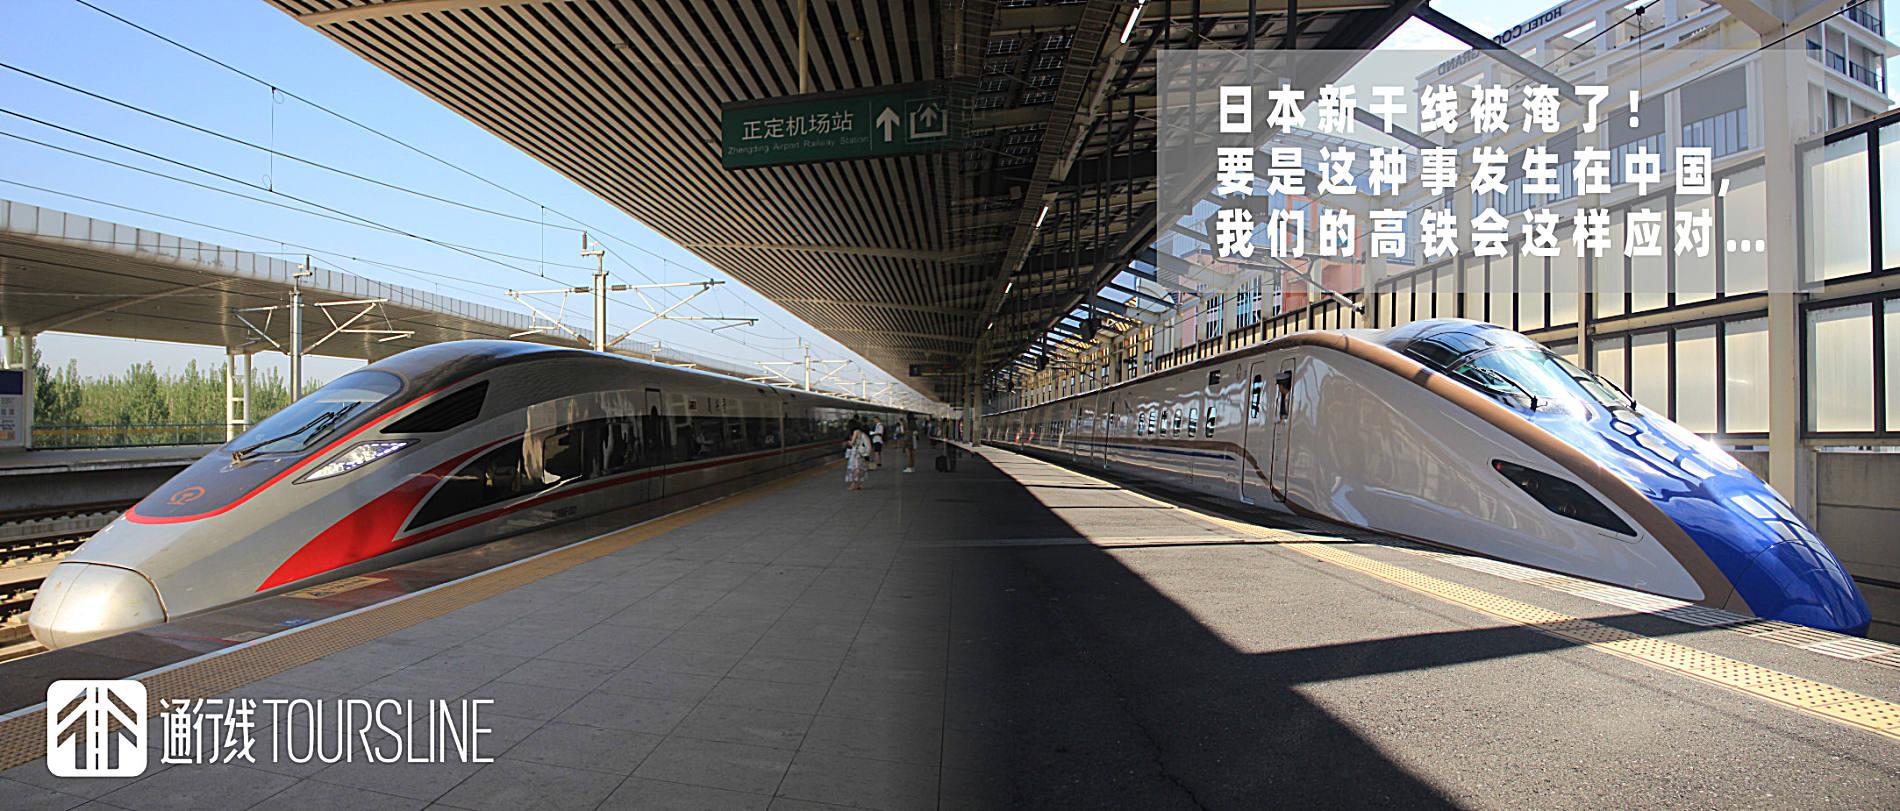 日本新干线被淹了!要是这种事发生在中国,我们的高铁会这样应对…